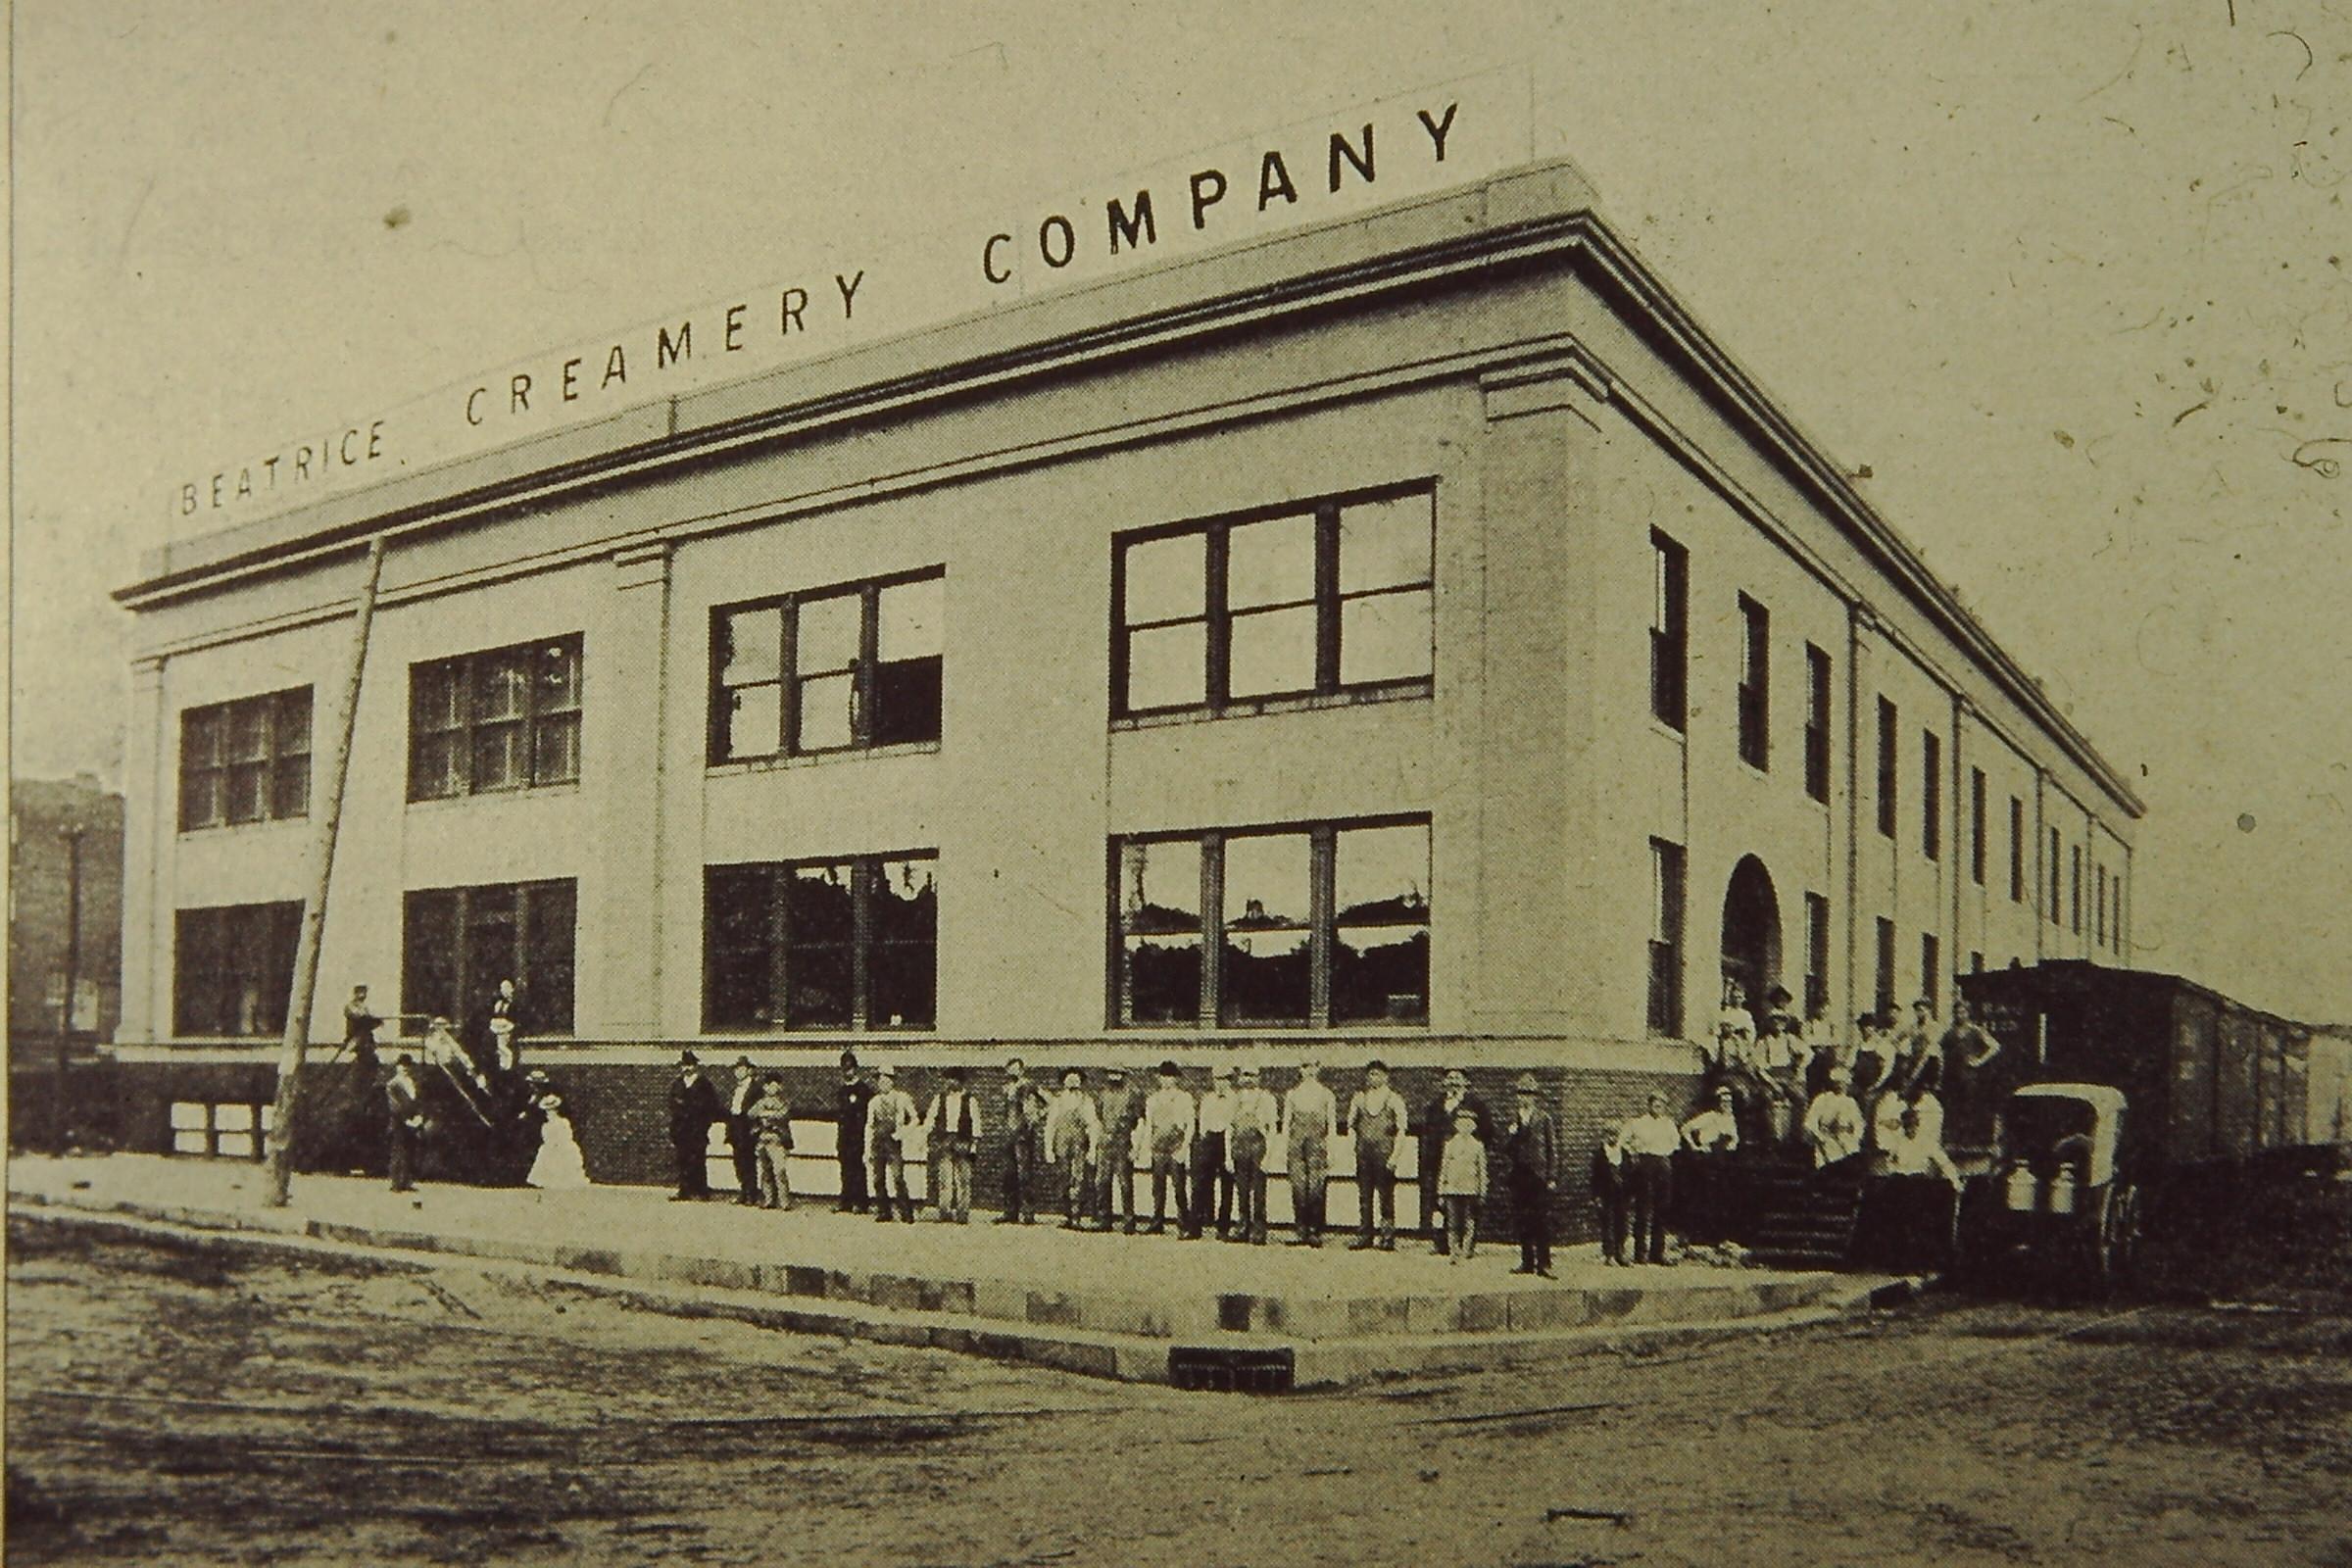 3. Beatrice Creamery Building